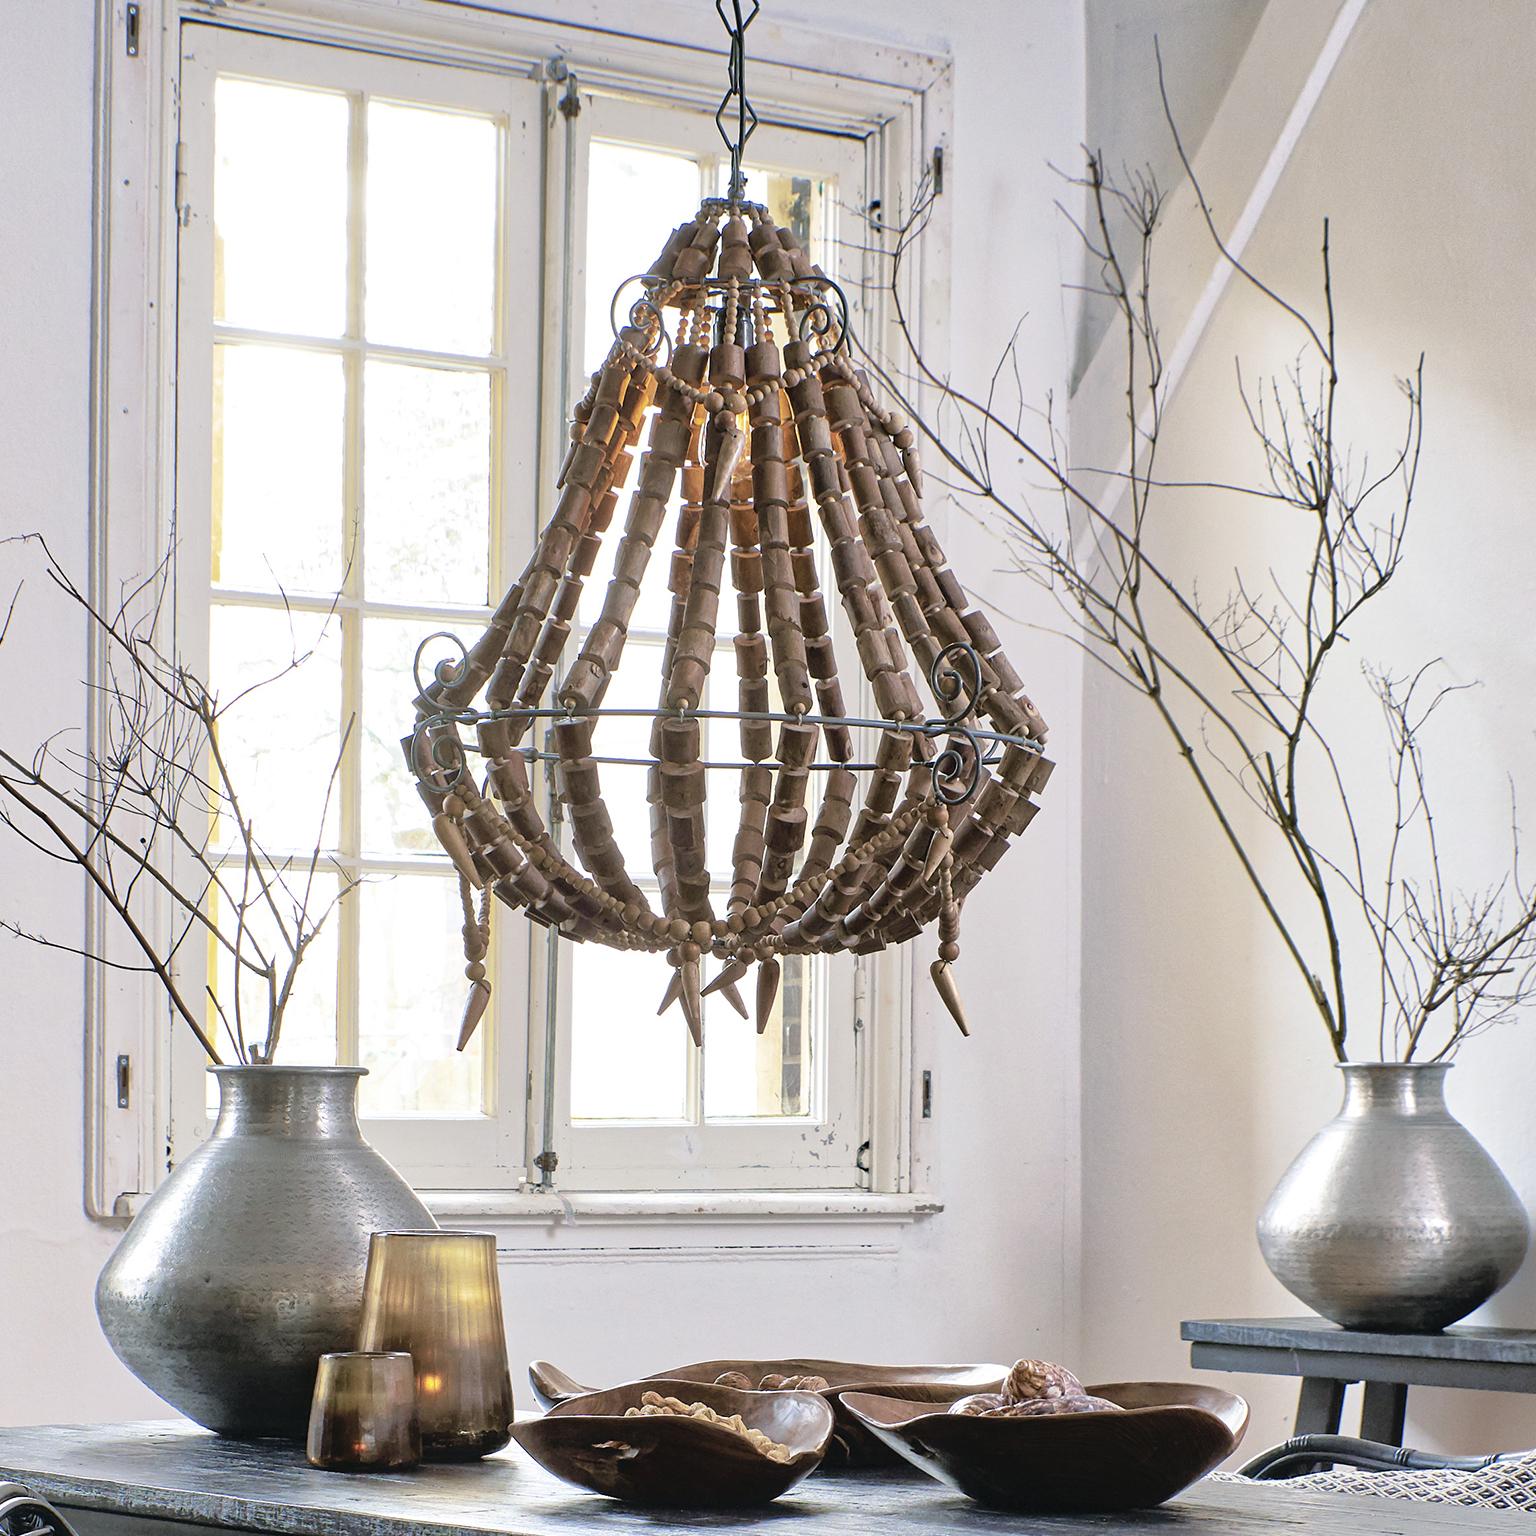 Light & Living Hanglamp 'Lola' kralen, hout naturel Verlichting | Hanglampen kopen